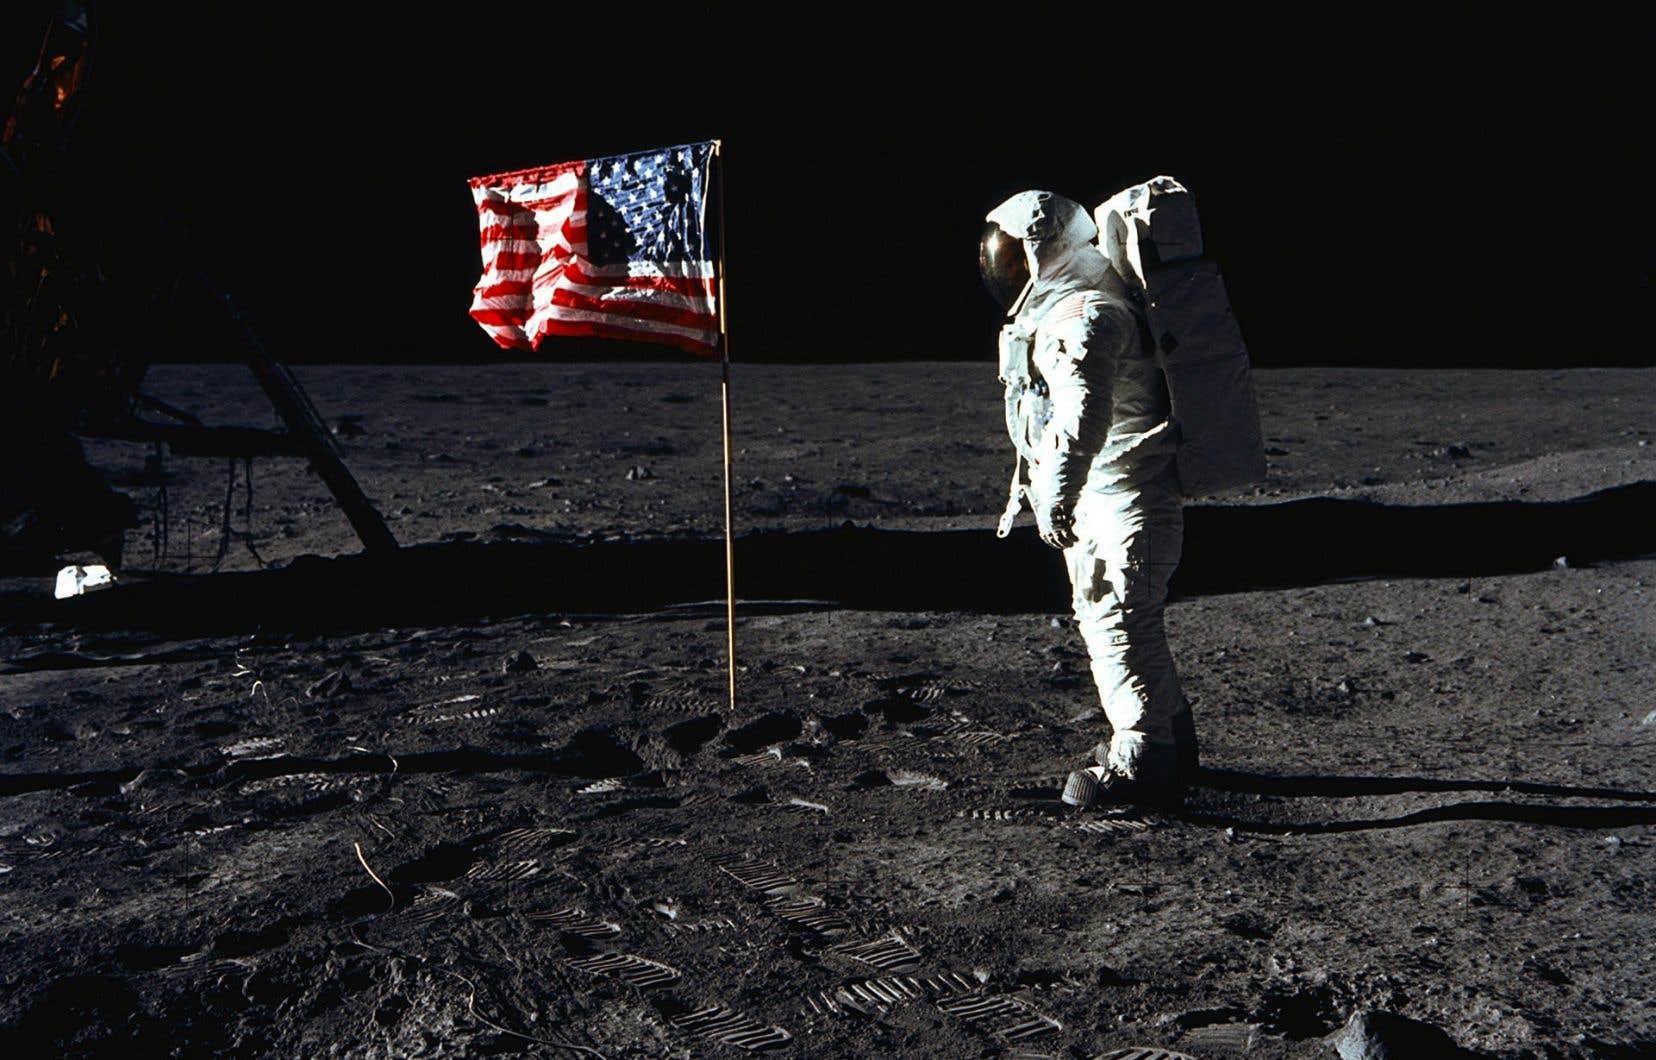 Plusieurs personnes jugent suspecte la photo où l'on aperçoit le drapeau planté par Neil Armstrong qui paraît onduler alors qu'il n'y a quasiment pas d'atmosphère sur la Lune.